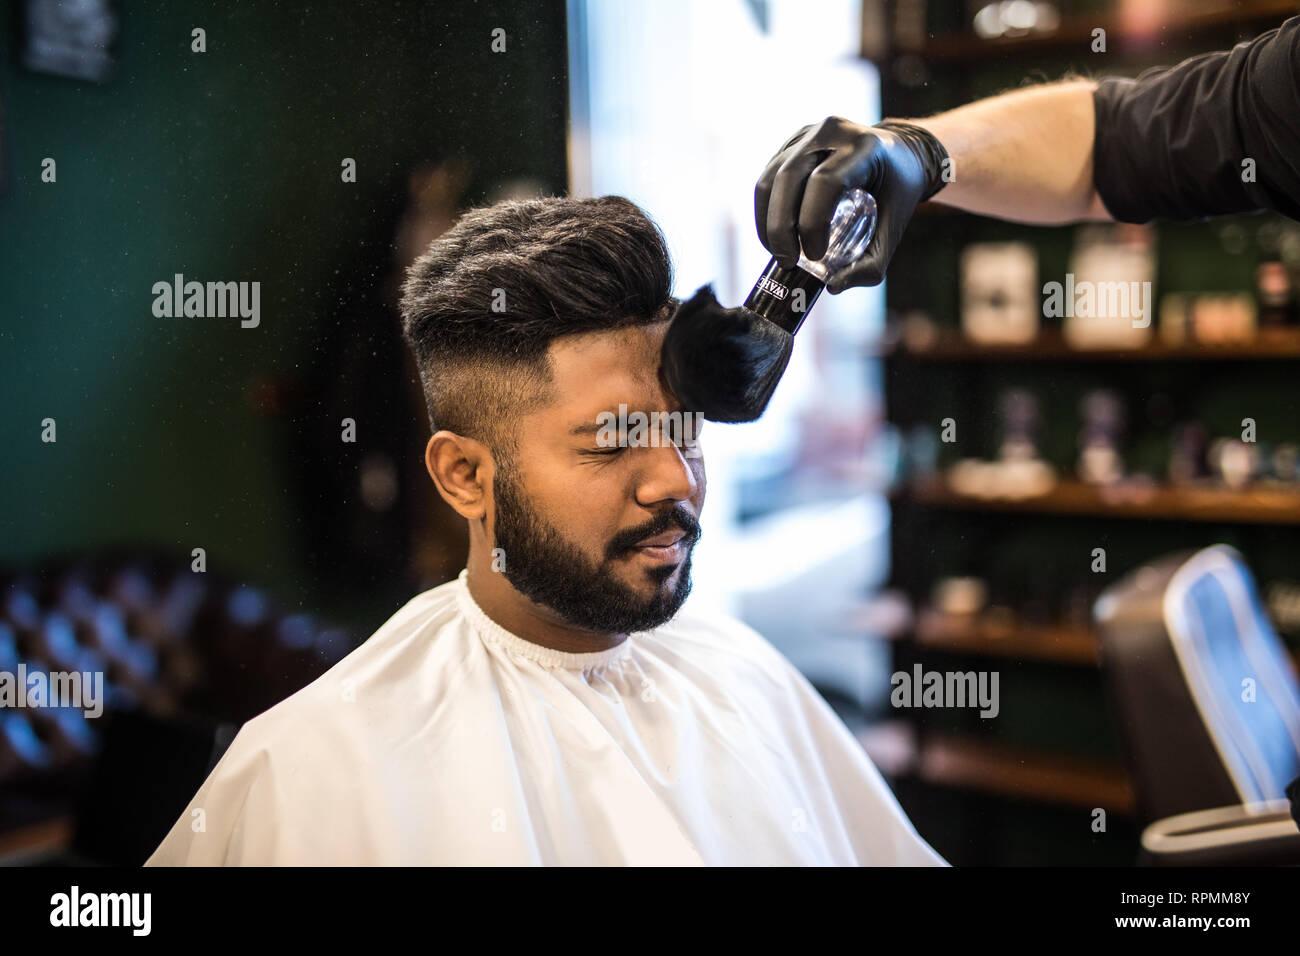 Les barbiers part propagation de la poudre de talc sur les clients professionnels avec cou blaireau en salon de coiffure pour hommes soin de beauté.concept.jeune homme noir ge Banque D'Images